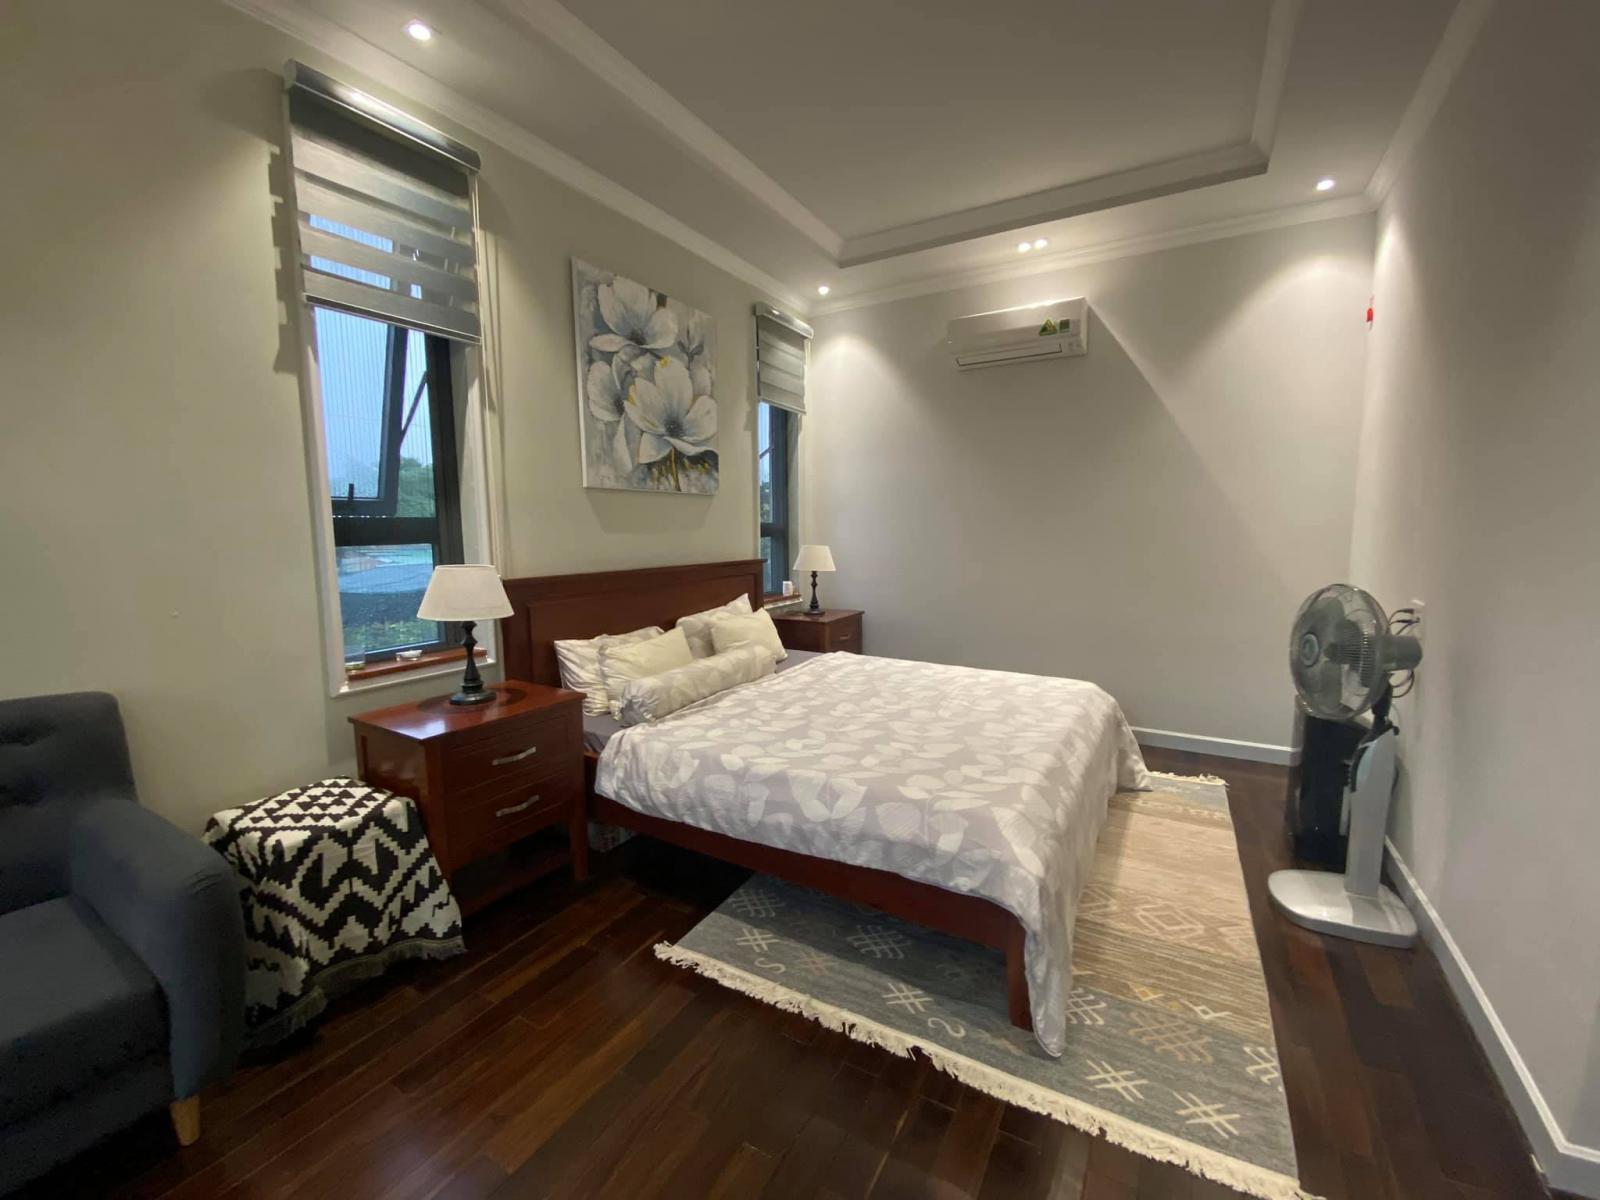 Các phòng ngủ có điểm chung là đều sử dụng tông lạnh, tạo cảm giác dễ ngủ